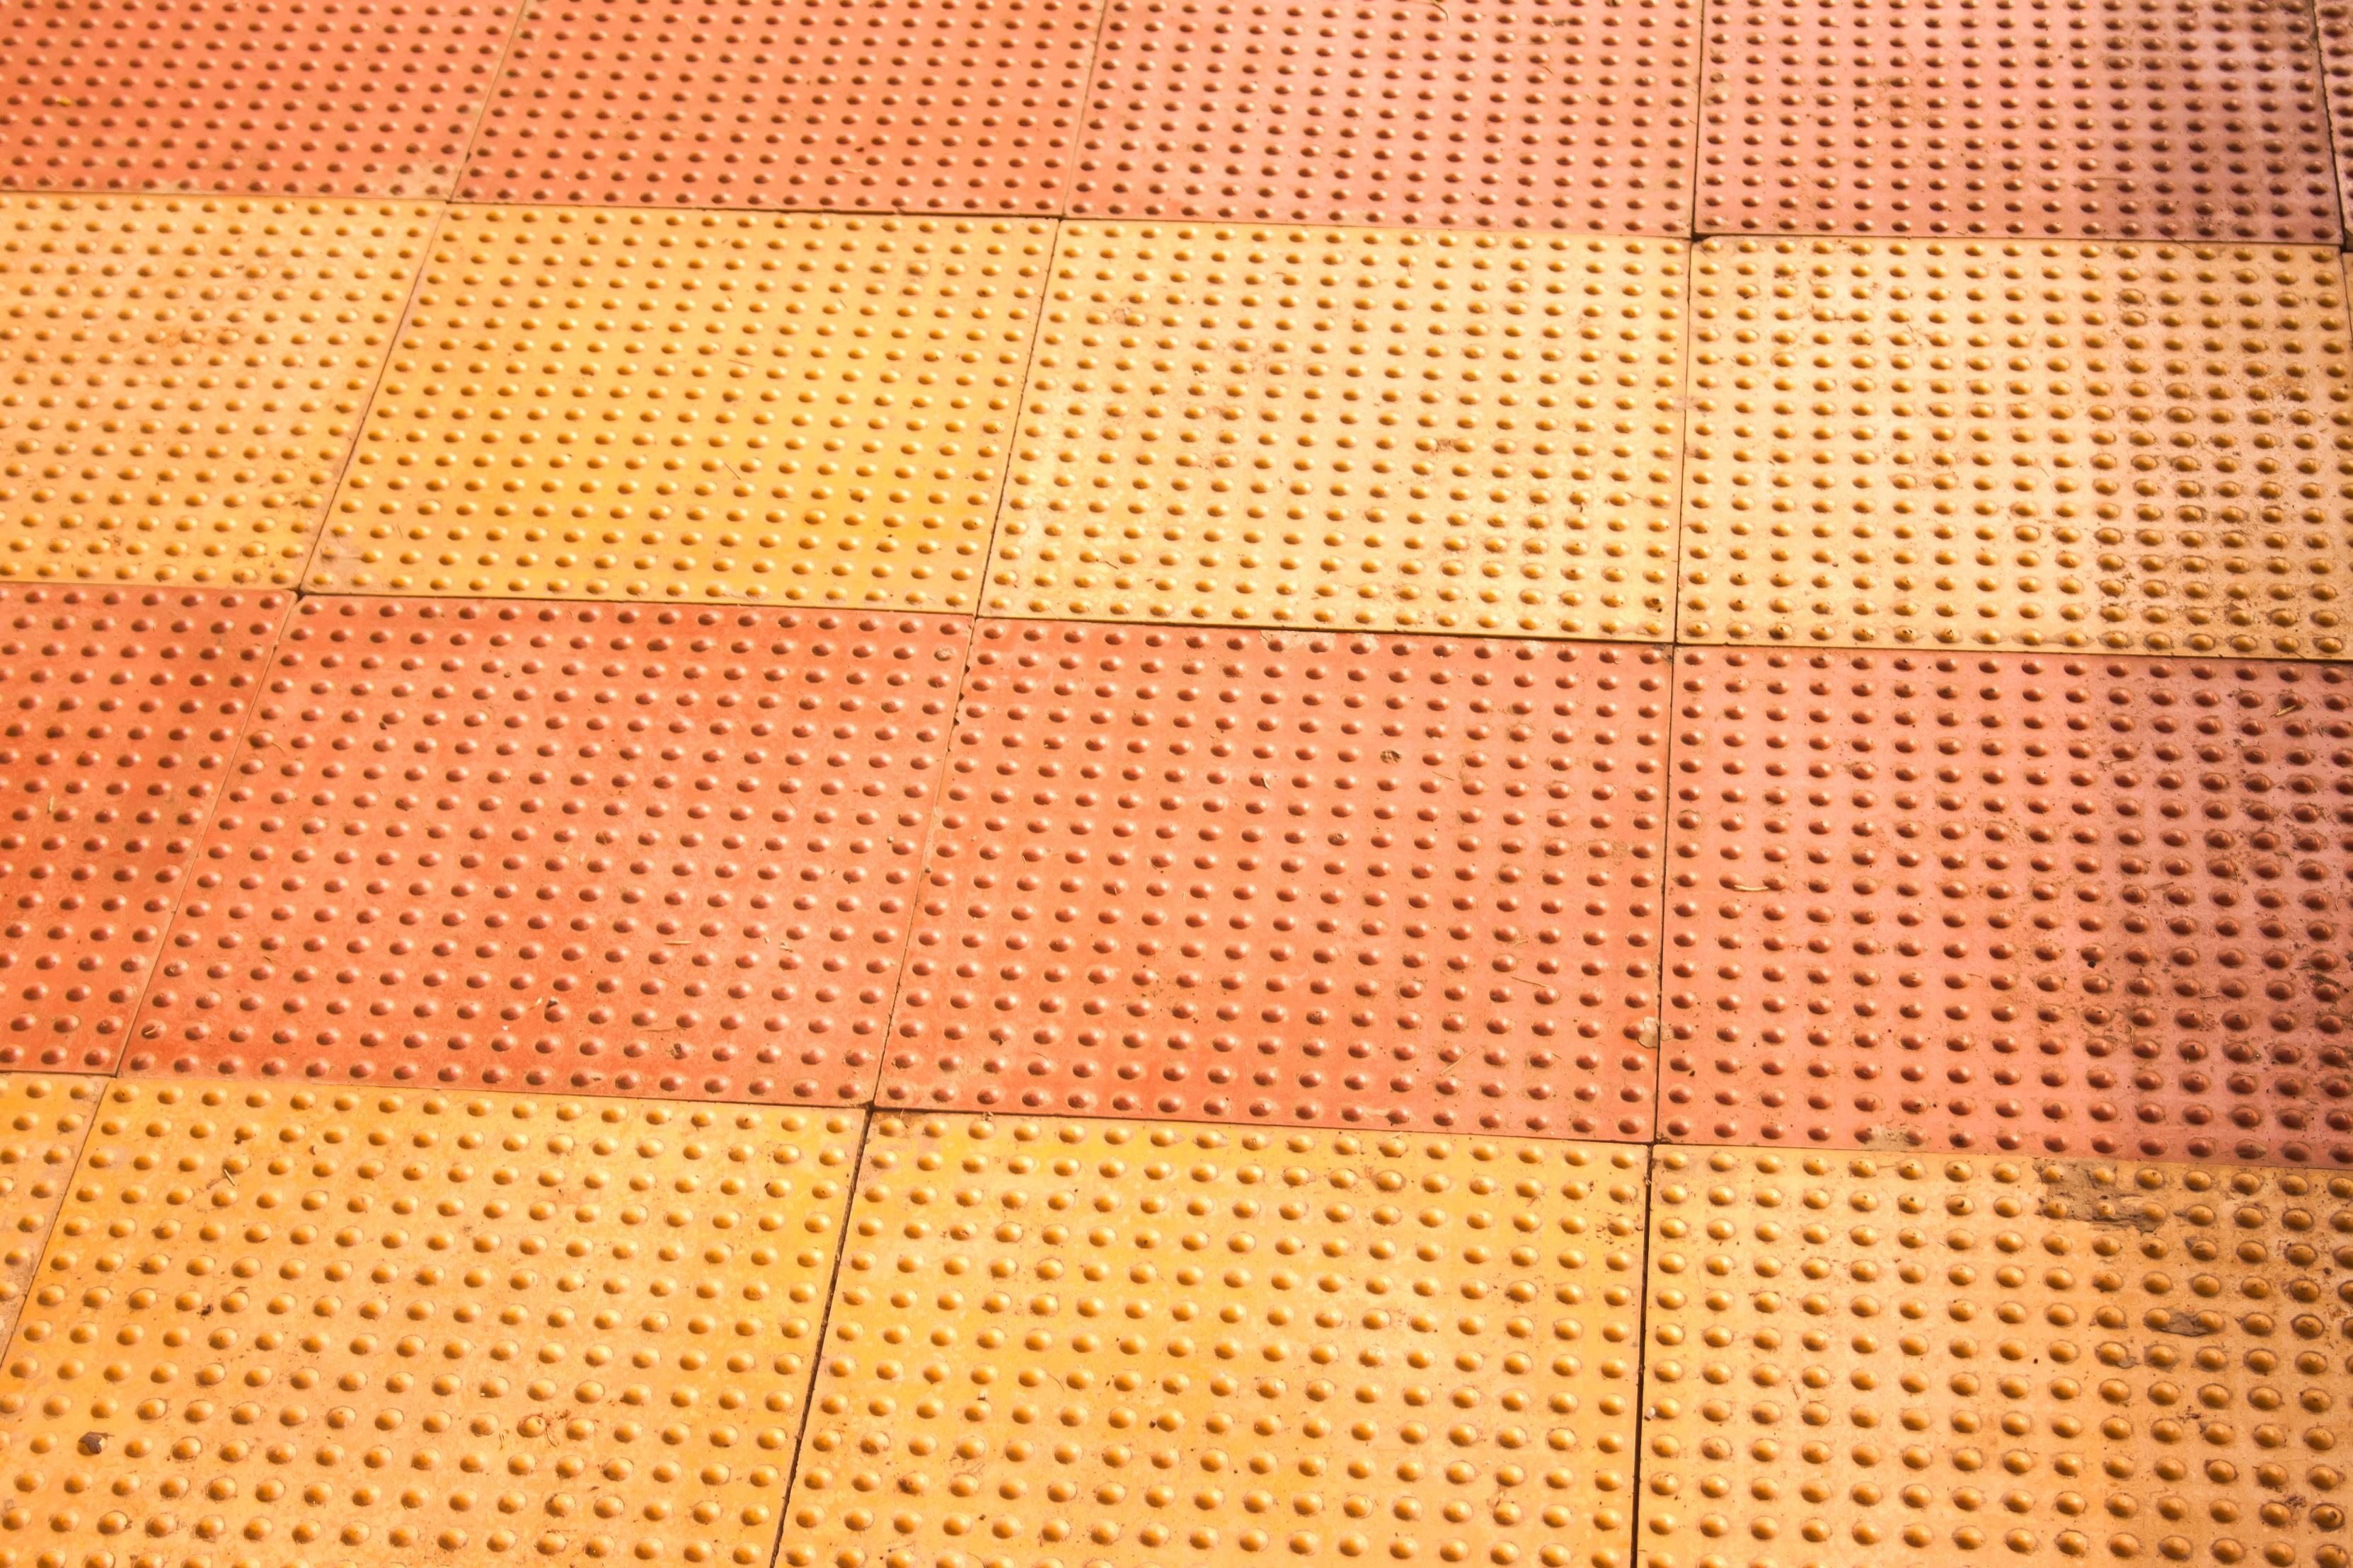 Image libre carrelage plastique texture couleur orange for Carrelage sol couleur orange